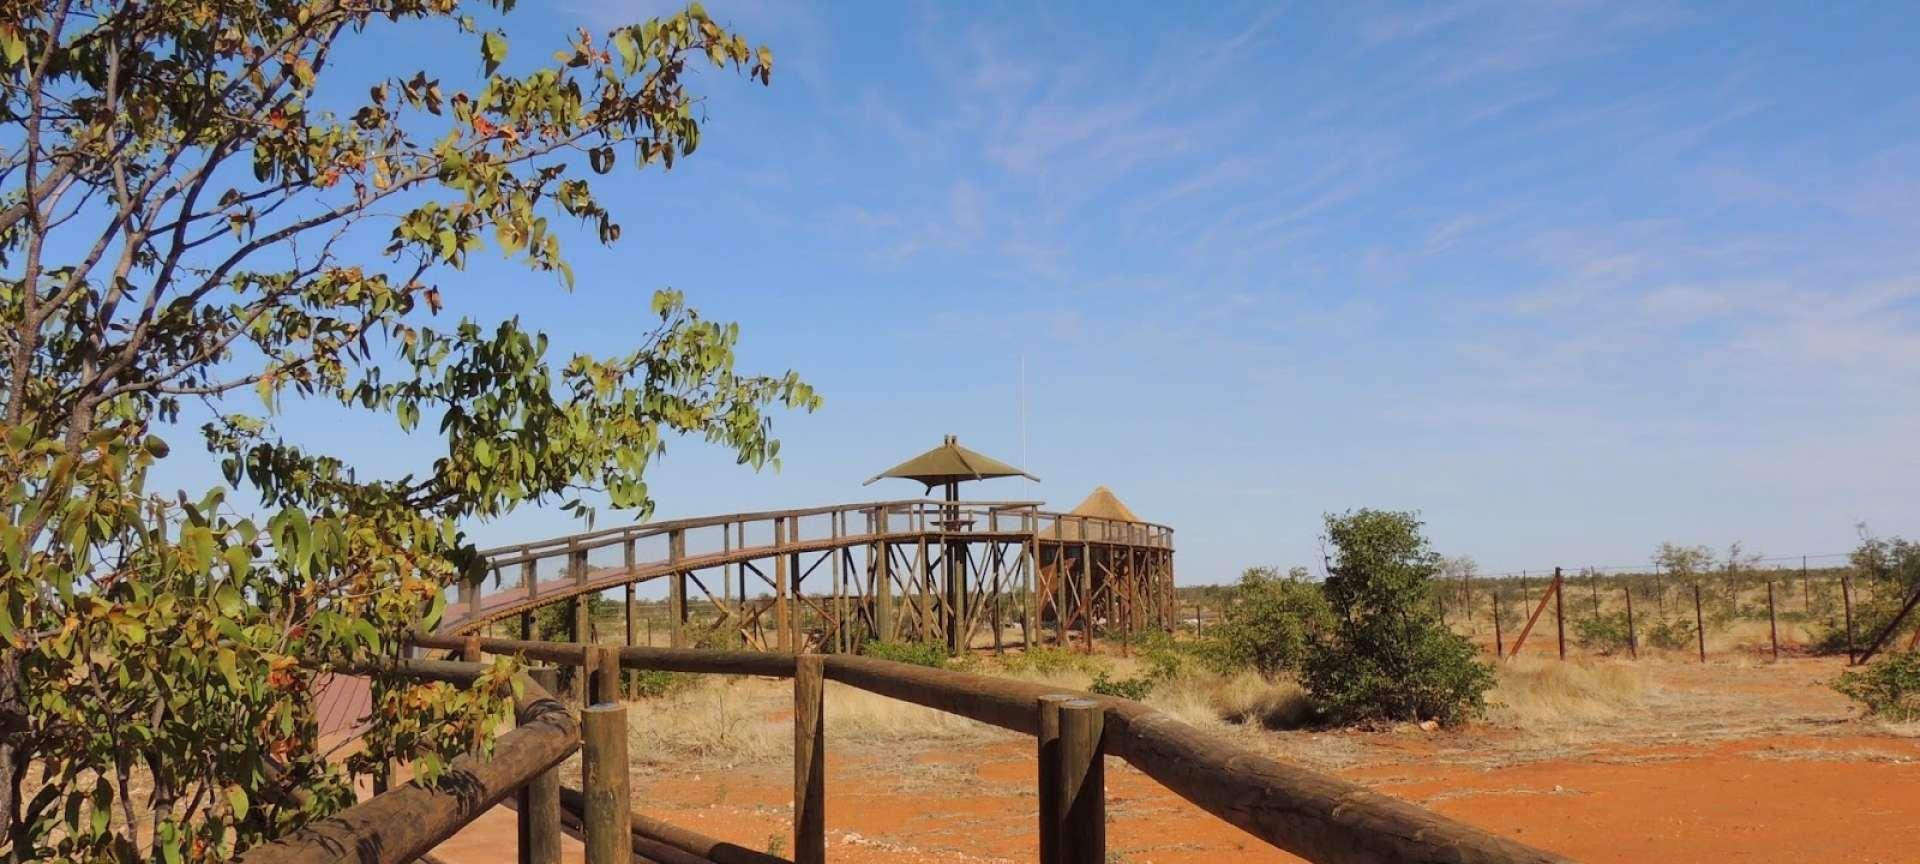 Olifantrus Campsite